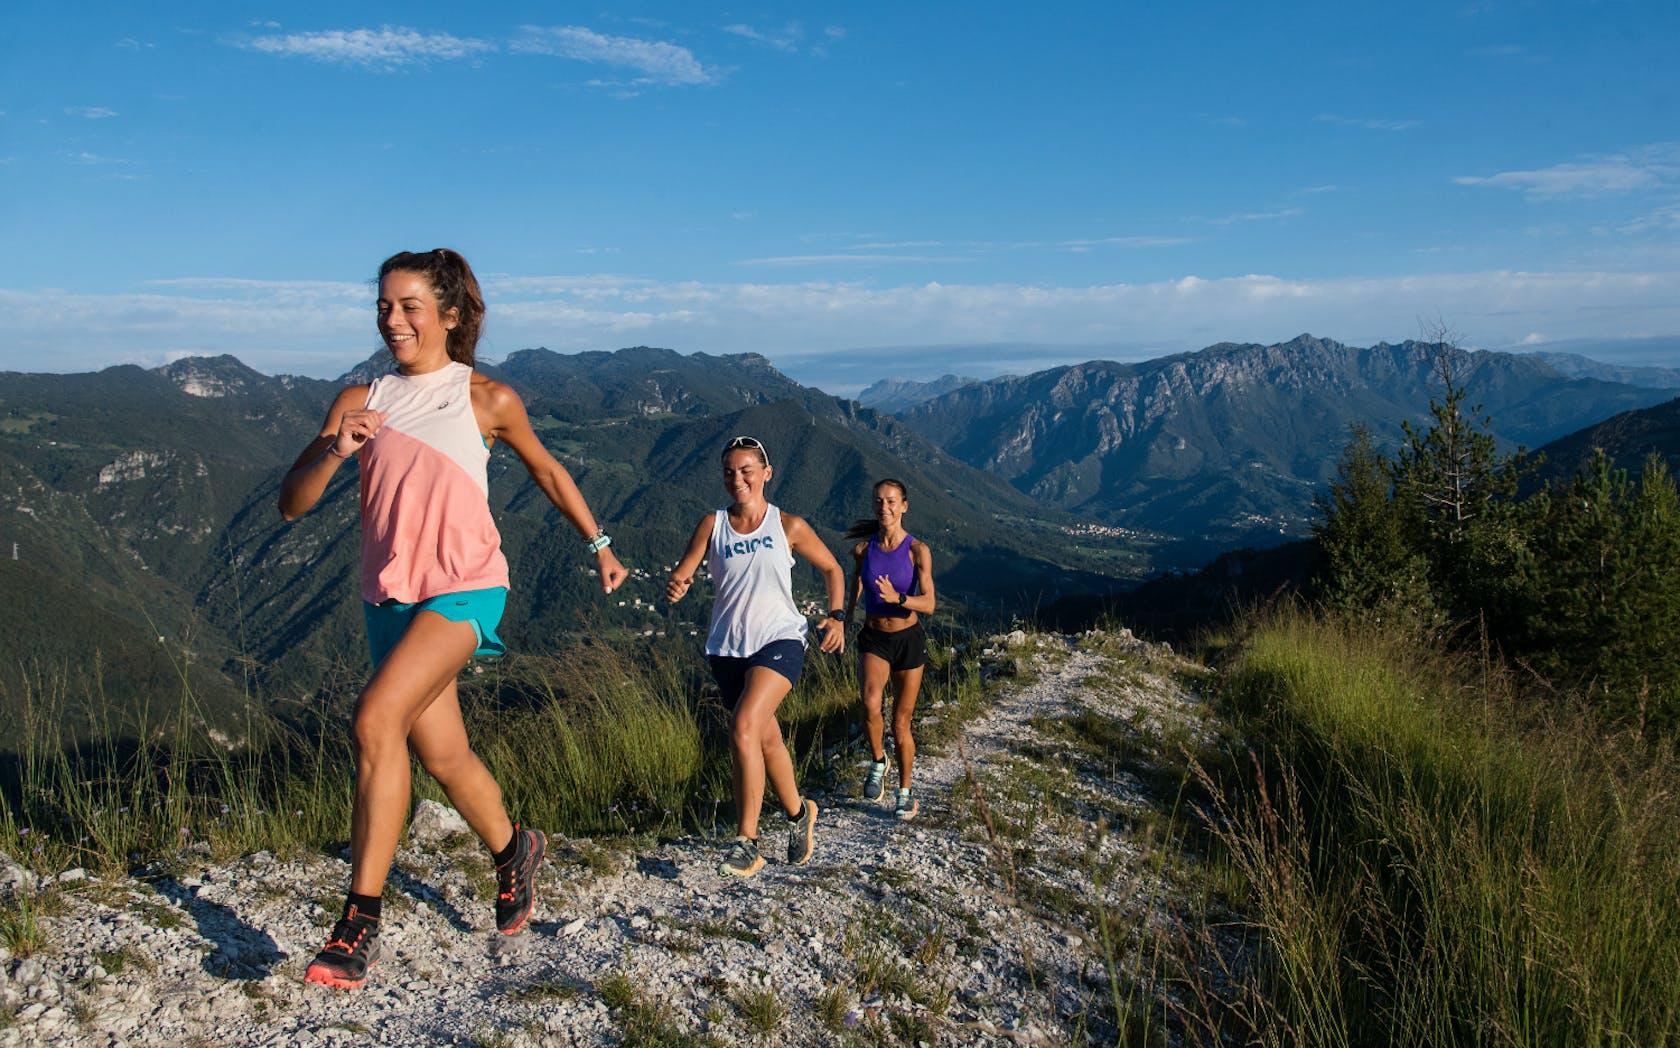 Asics Onlineshop Laufschuhe Trailrunning